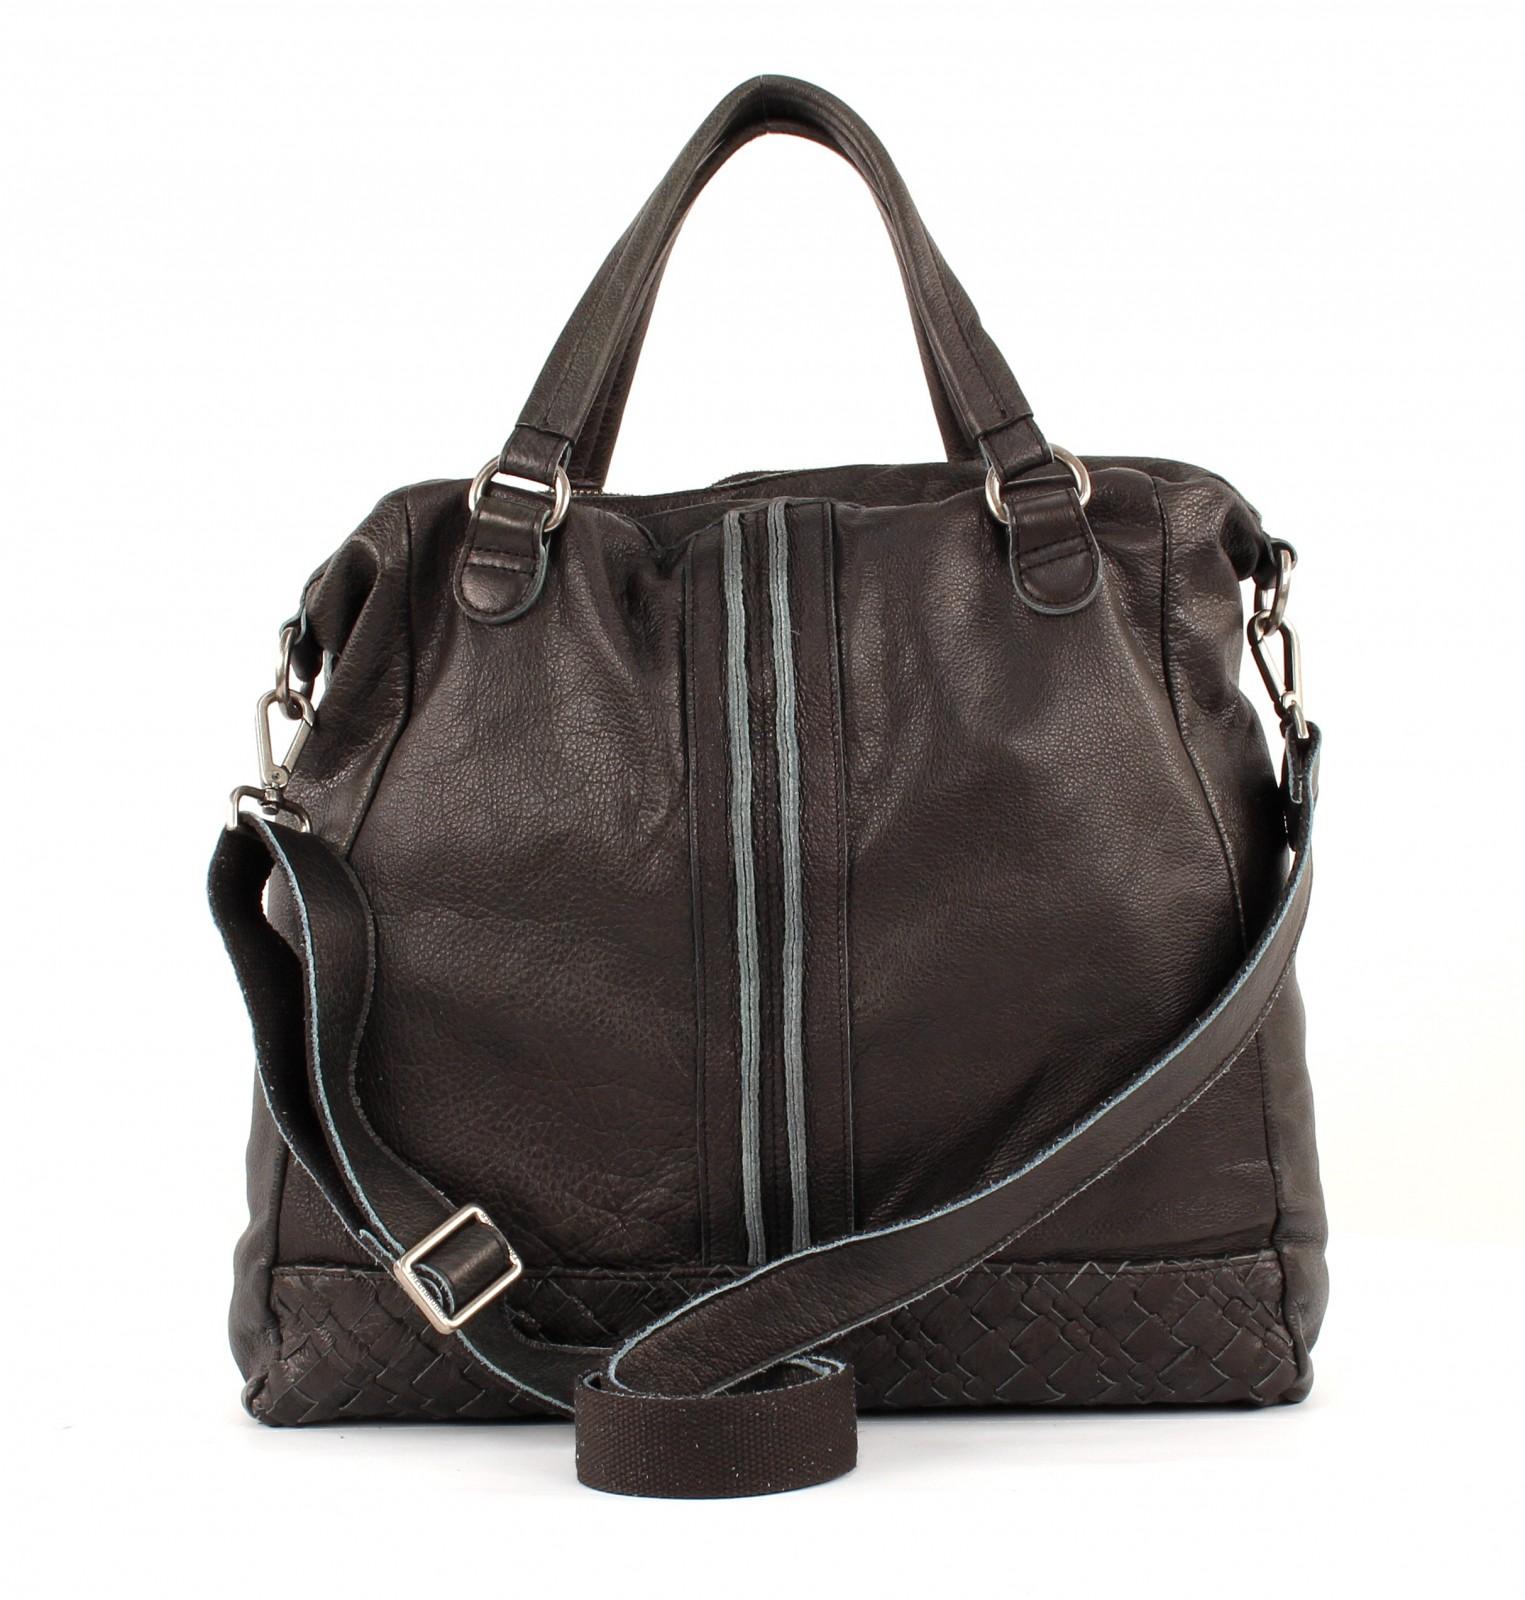 Weave Schwarz Big Zu Fredsbruder Foxy Leder Handtasche Damen Umhängetasche Tasche Details RqLj5cA34